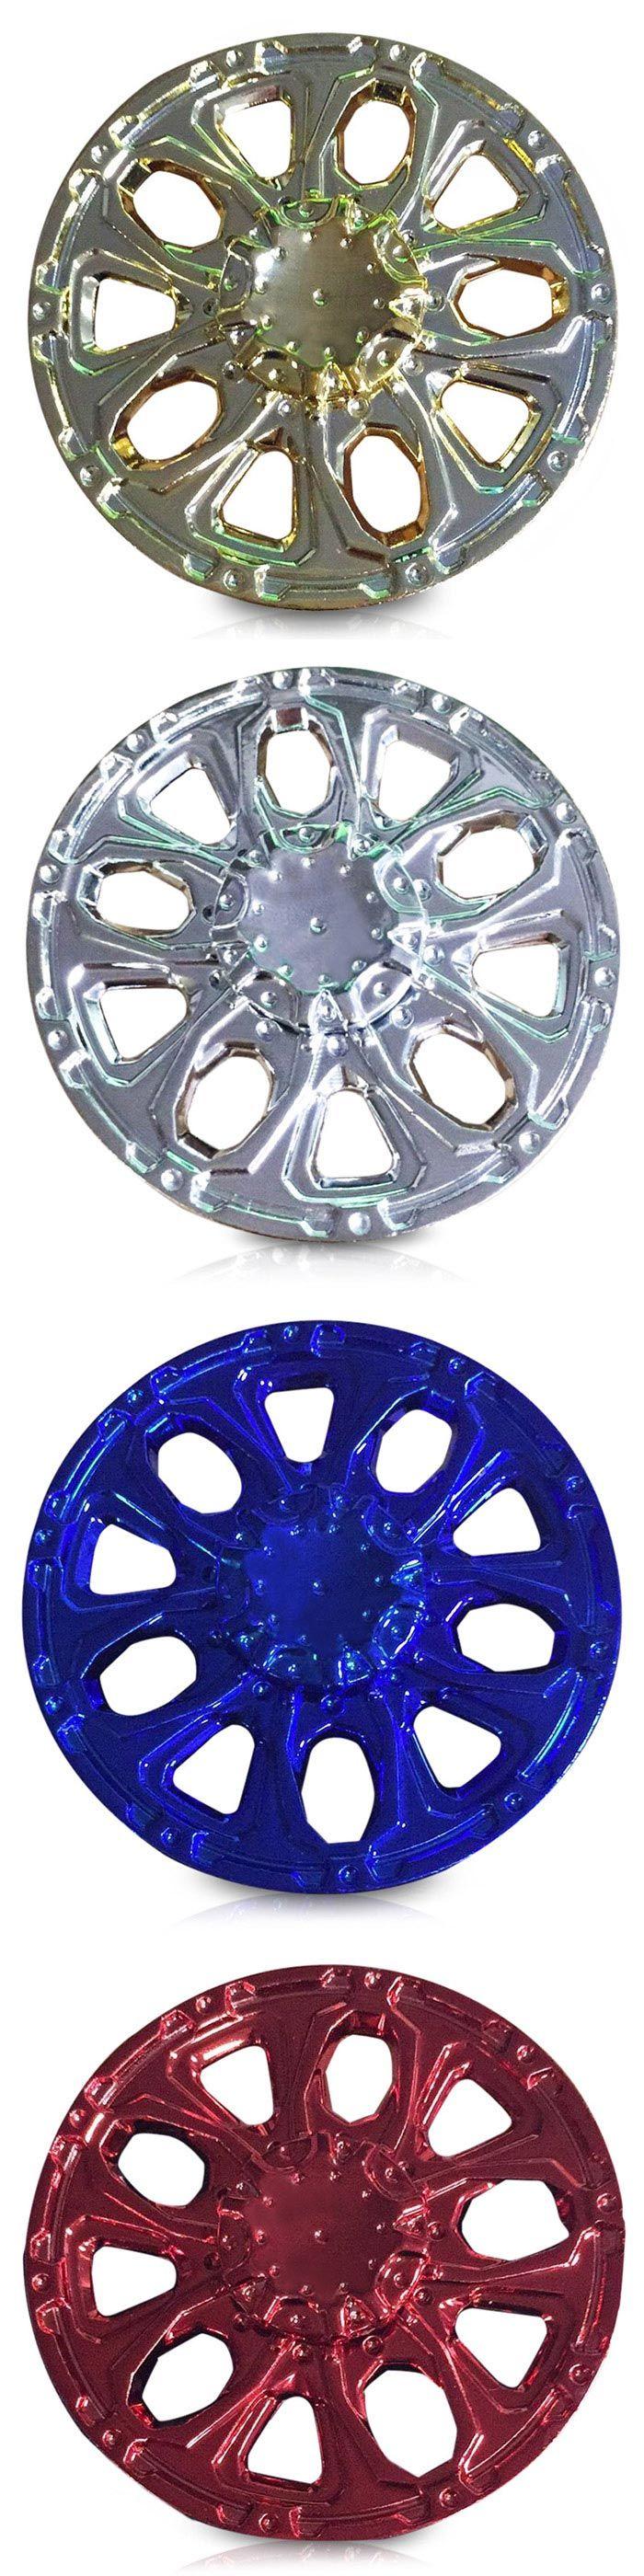 Focus Toy Alloy Wheel EDC Finger Spinner